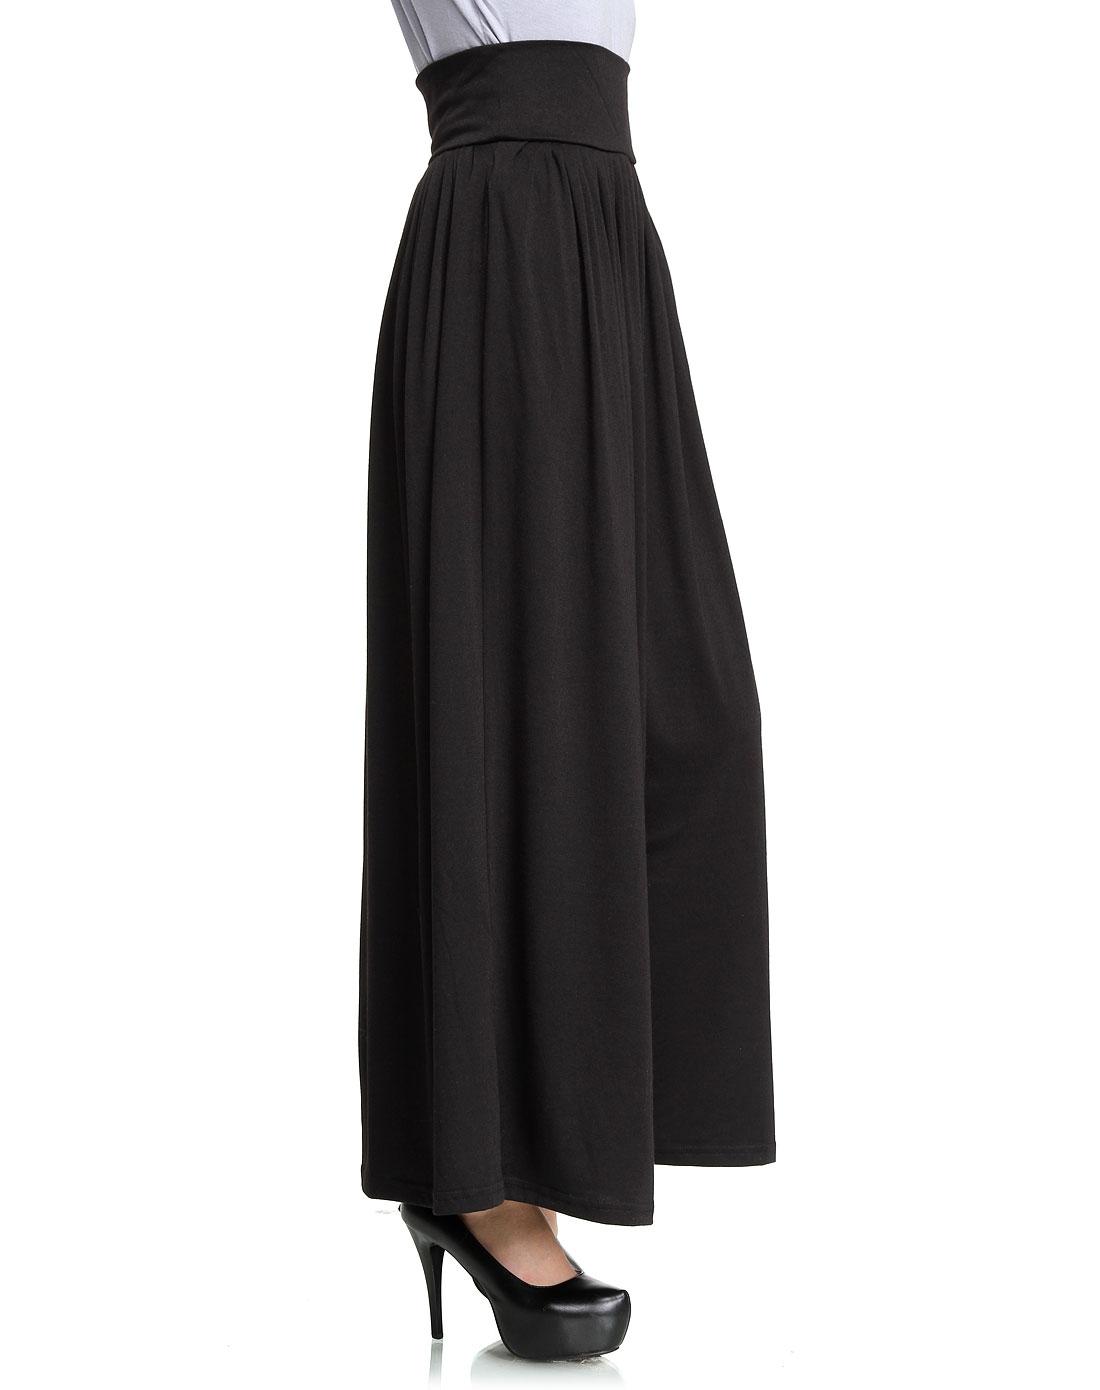 黑色时尚阔腿针织长裙裤